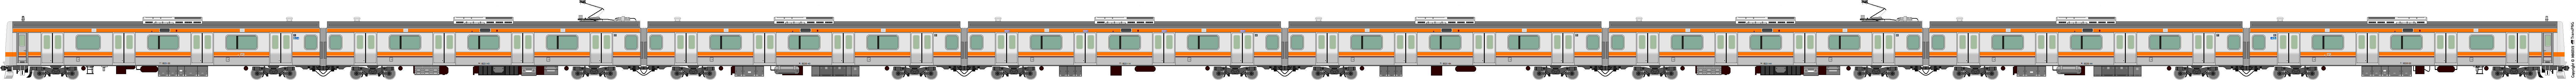 [5438] 東日本旅客鉄道 5438